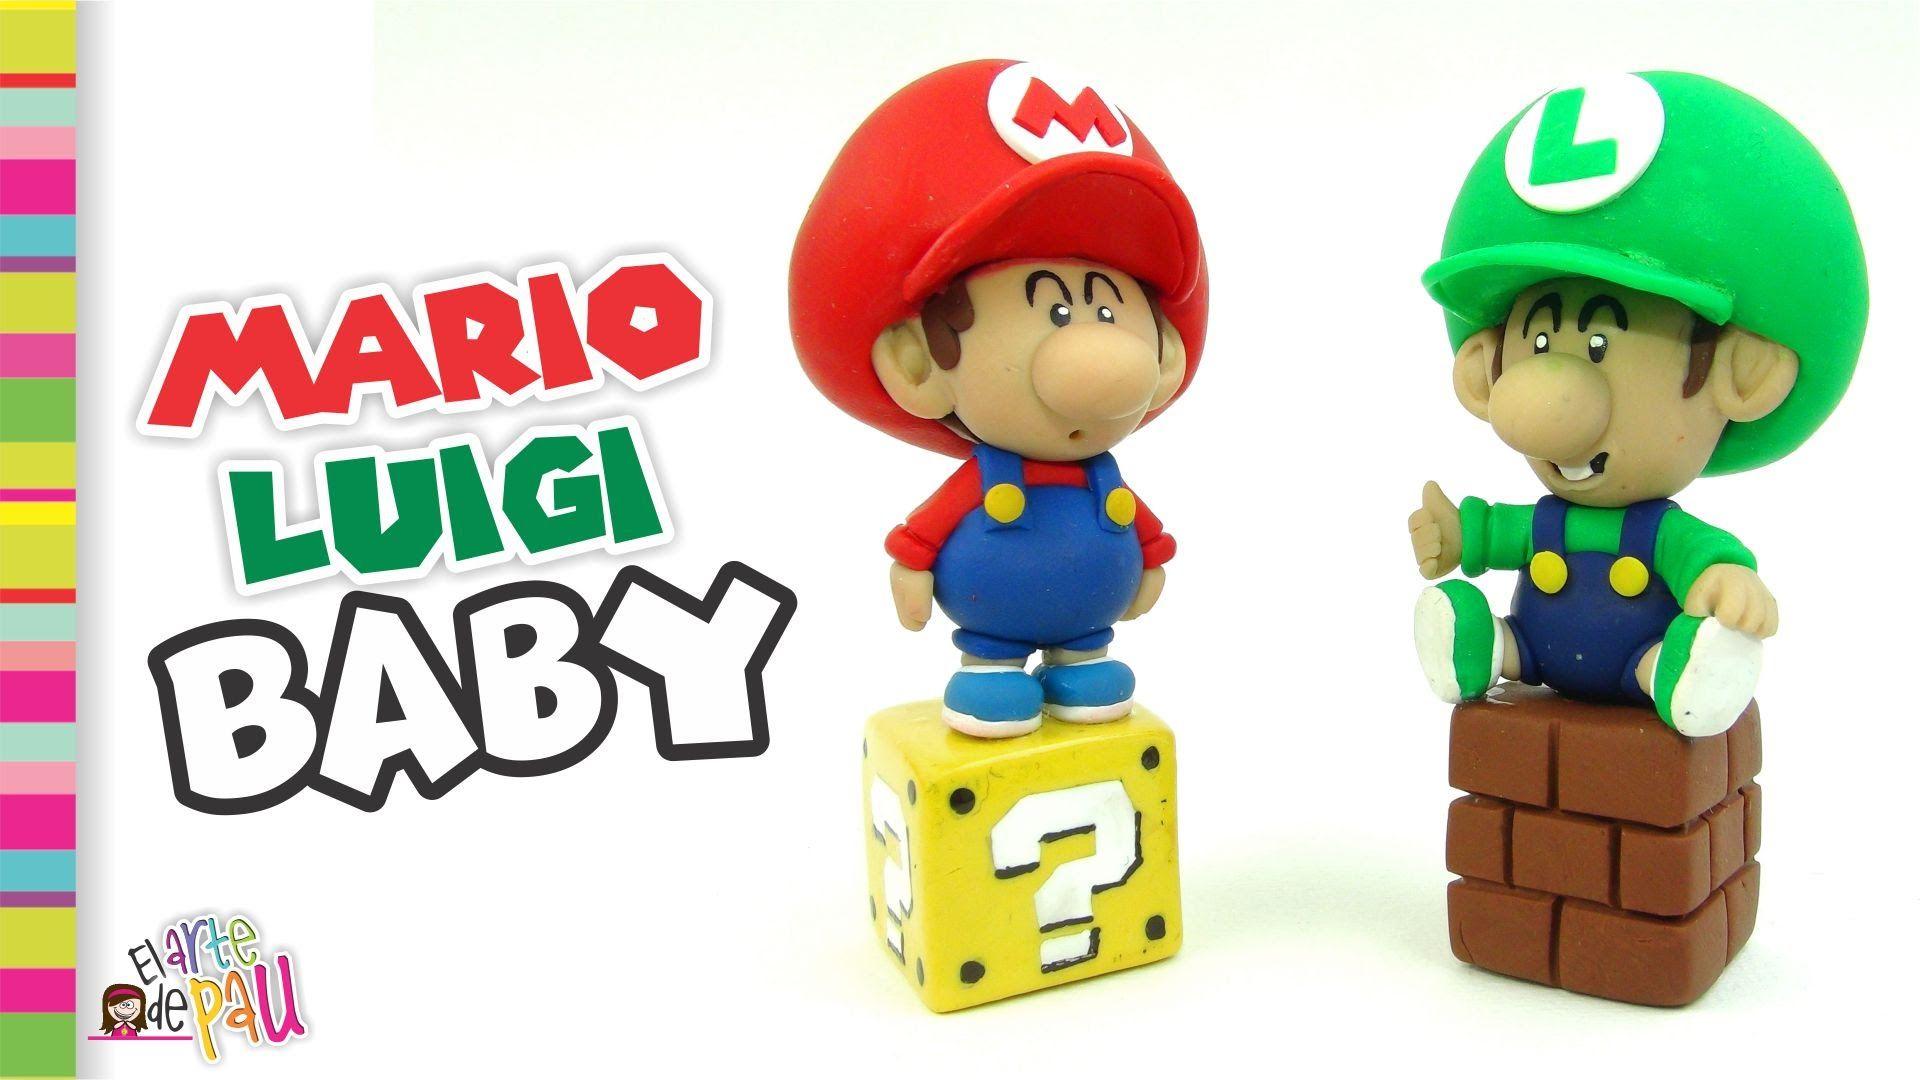 BABY Mario & Luigi Bros Polymer clay / Arcilla polimérica